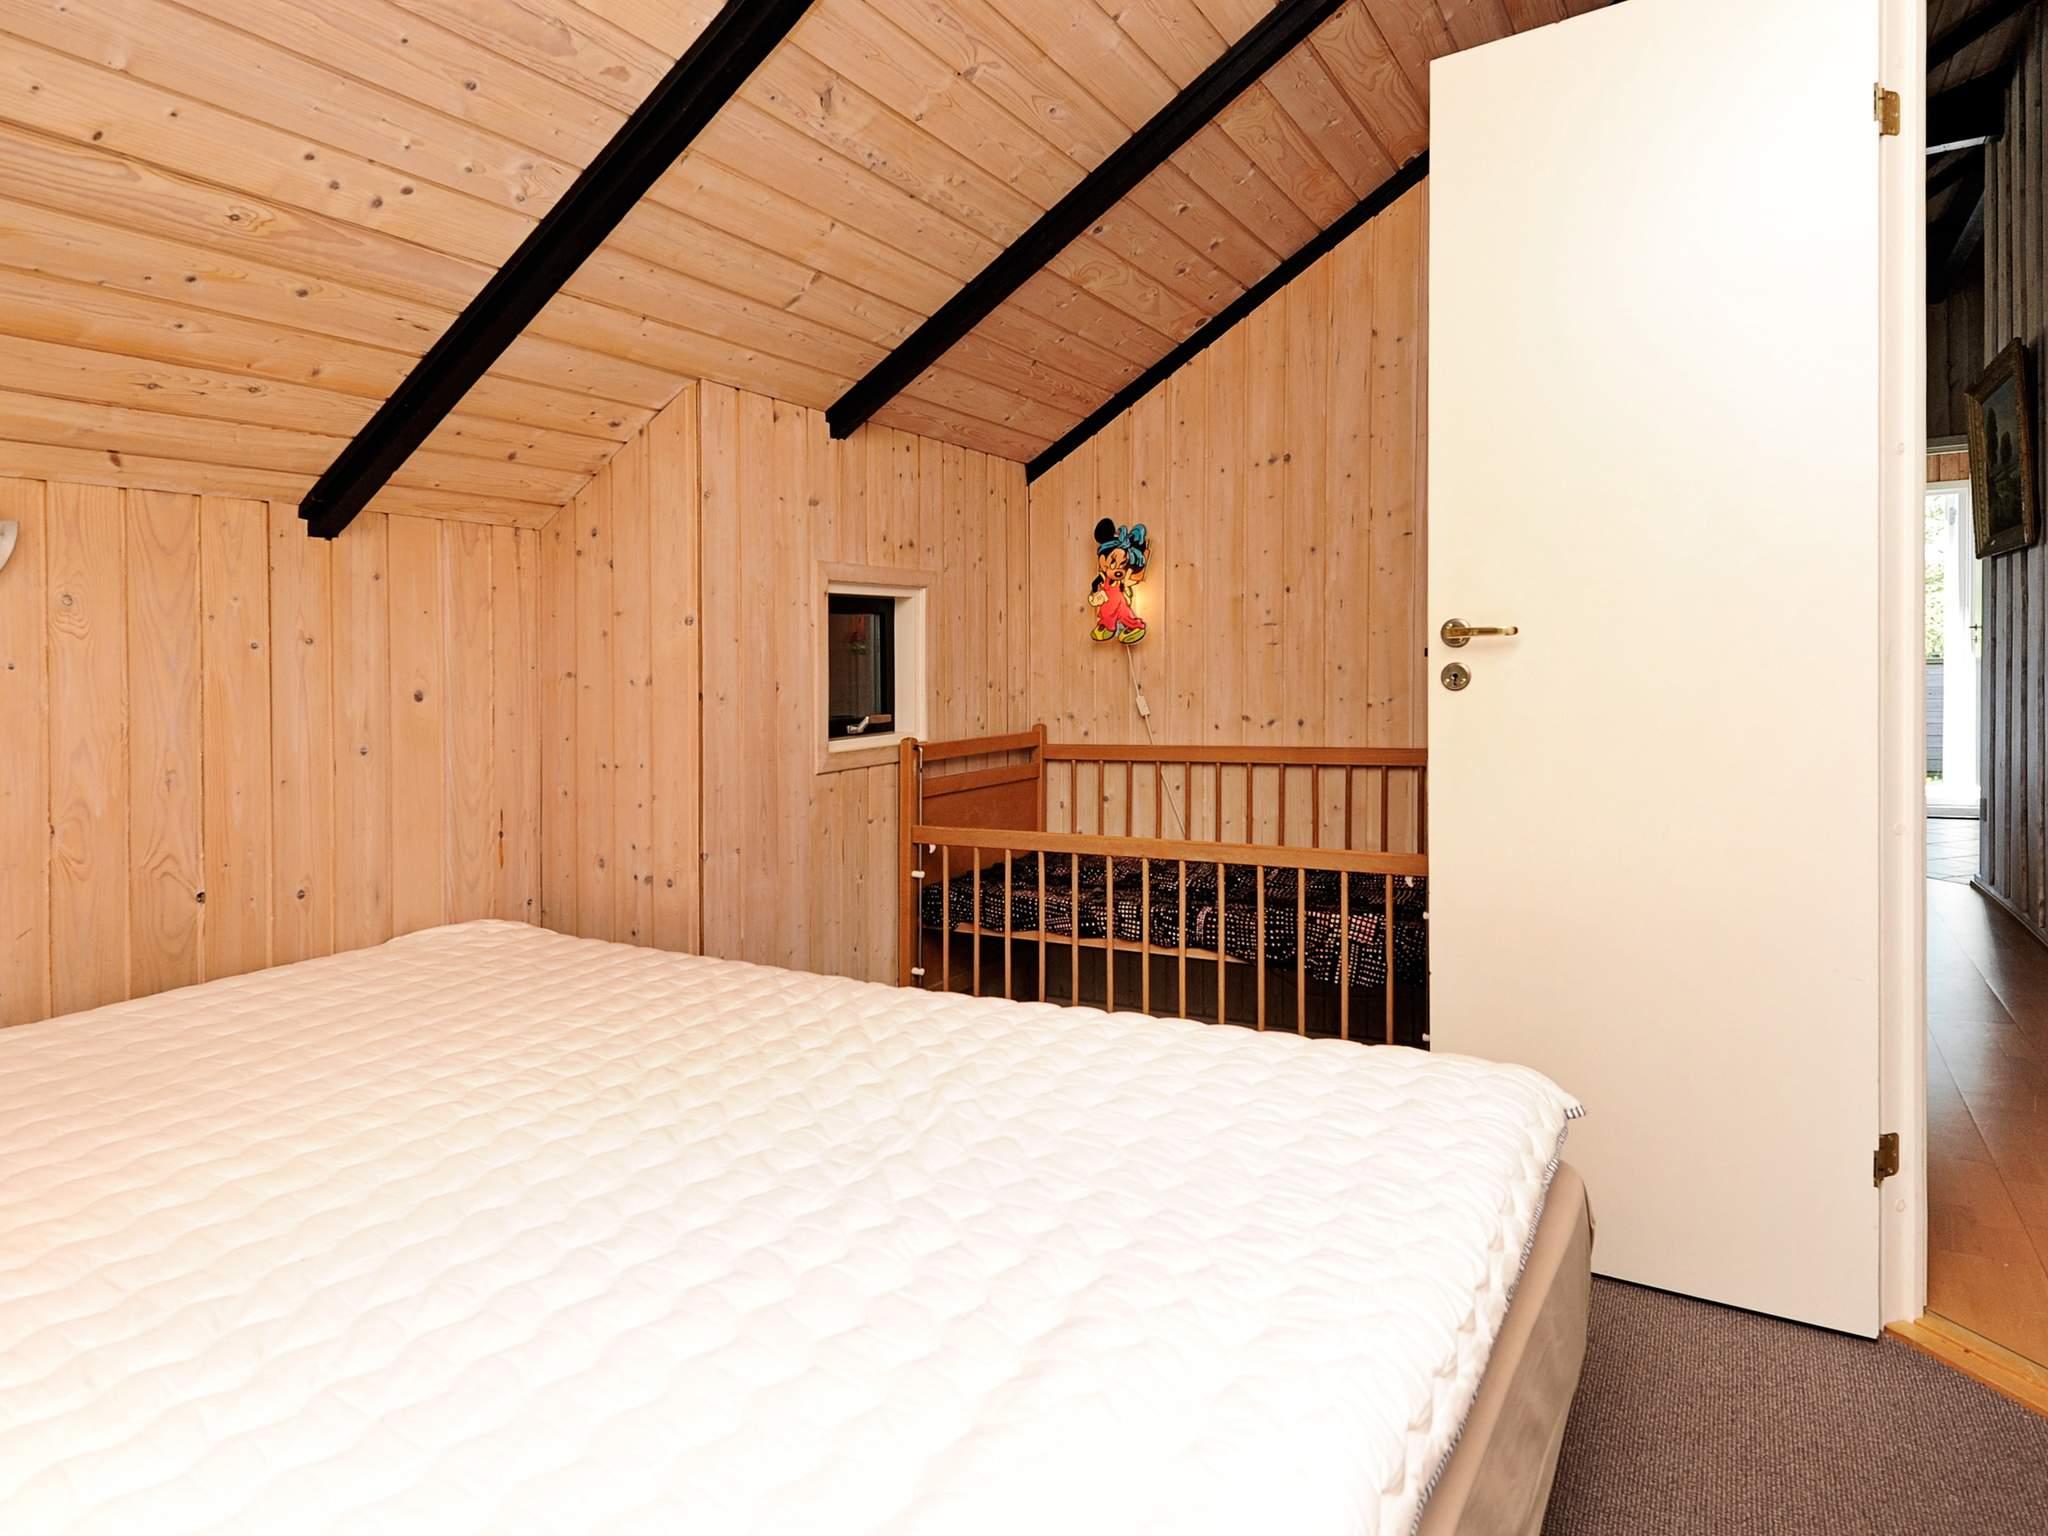 Ferienhaus Hvidbjerg (87899), Hvidbjerg, , Ostjütland, Dänemark, Bild 15